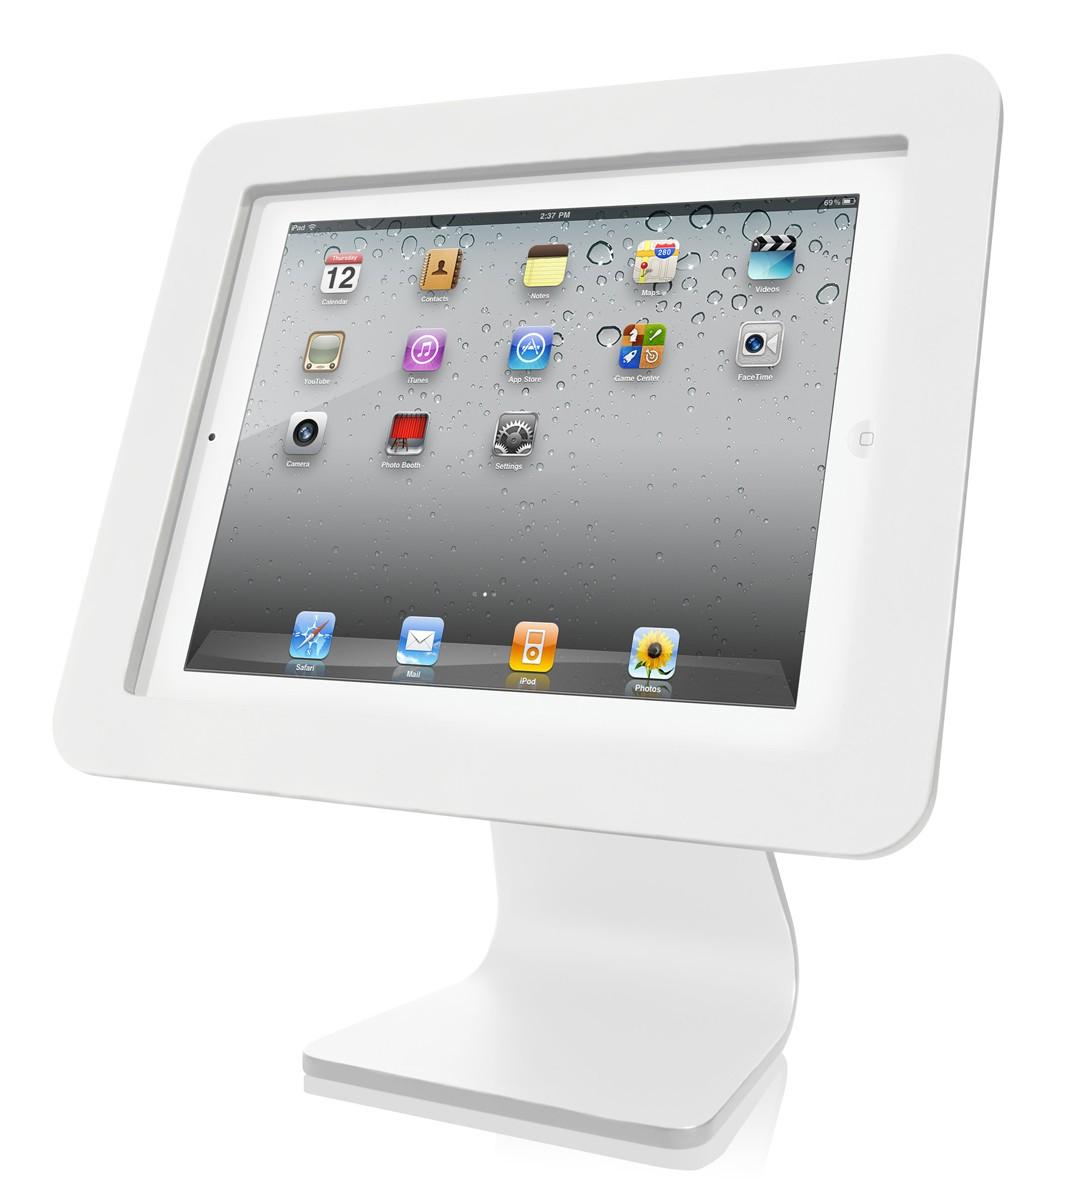 Maclocks iPad Kiosk